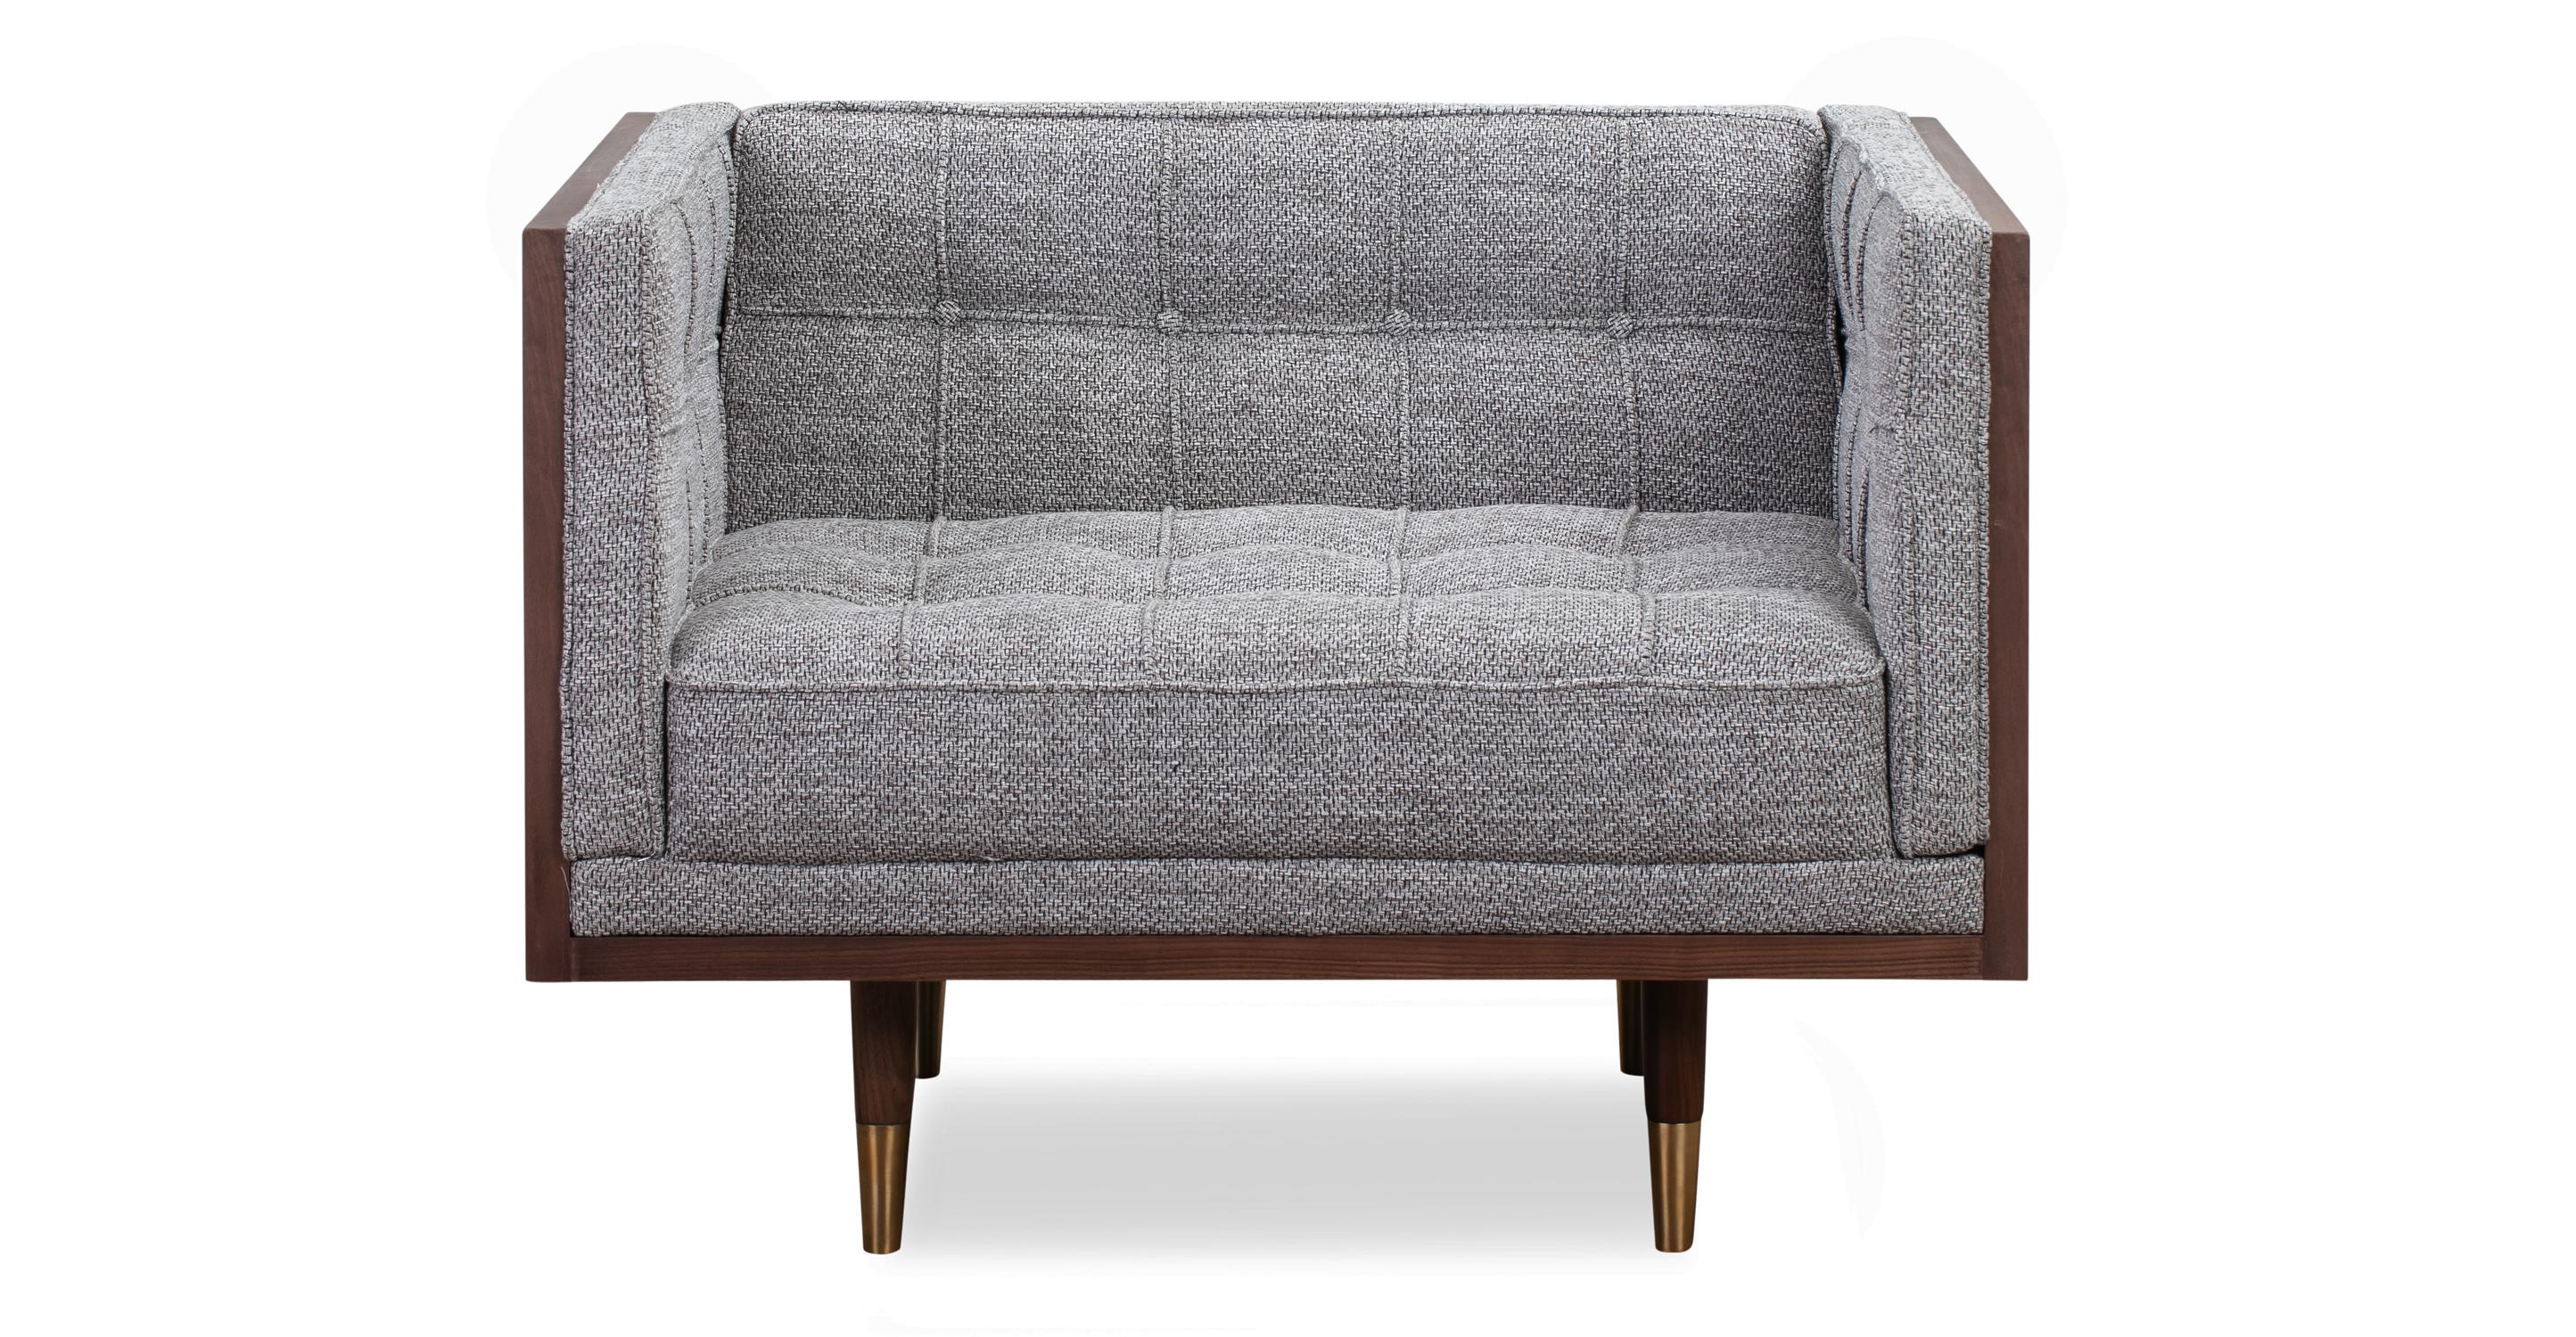 Woodrow Box Chair, Walnut/Eichler